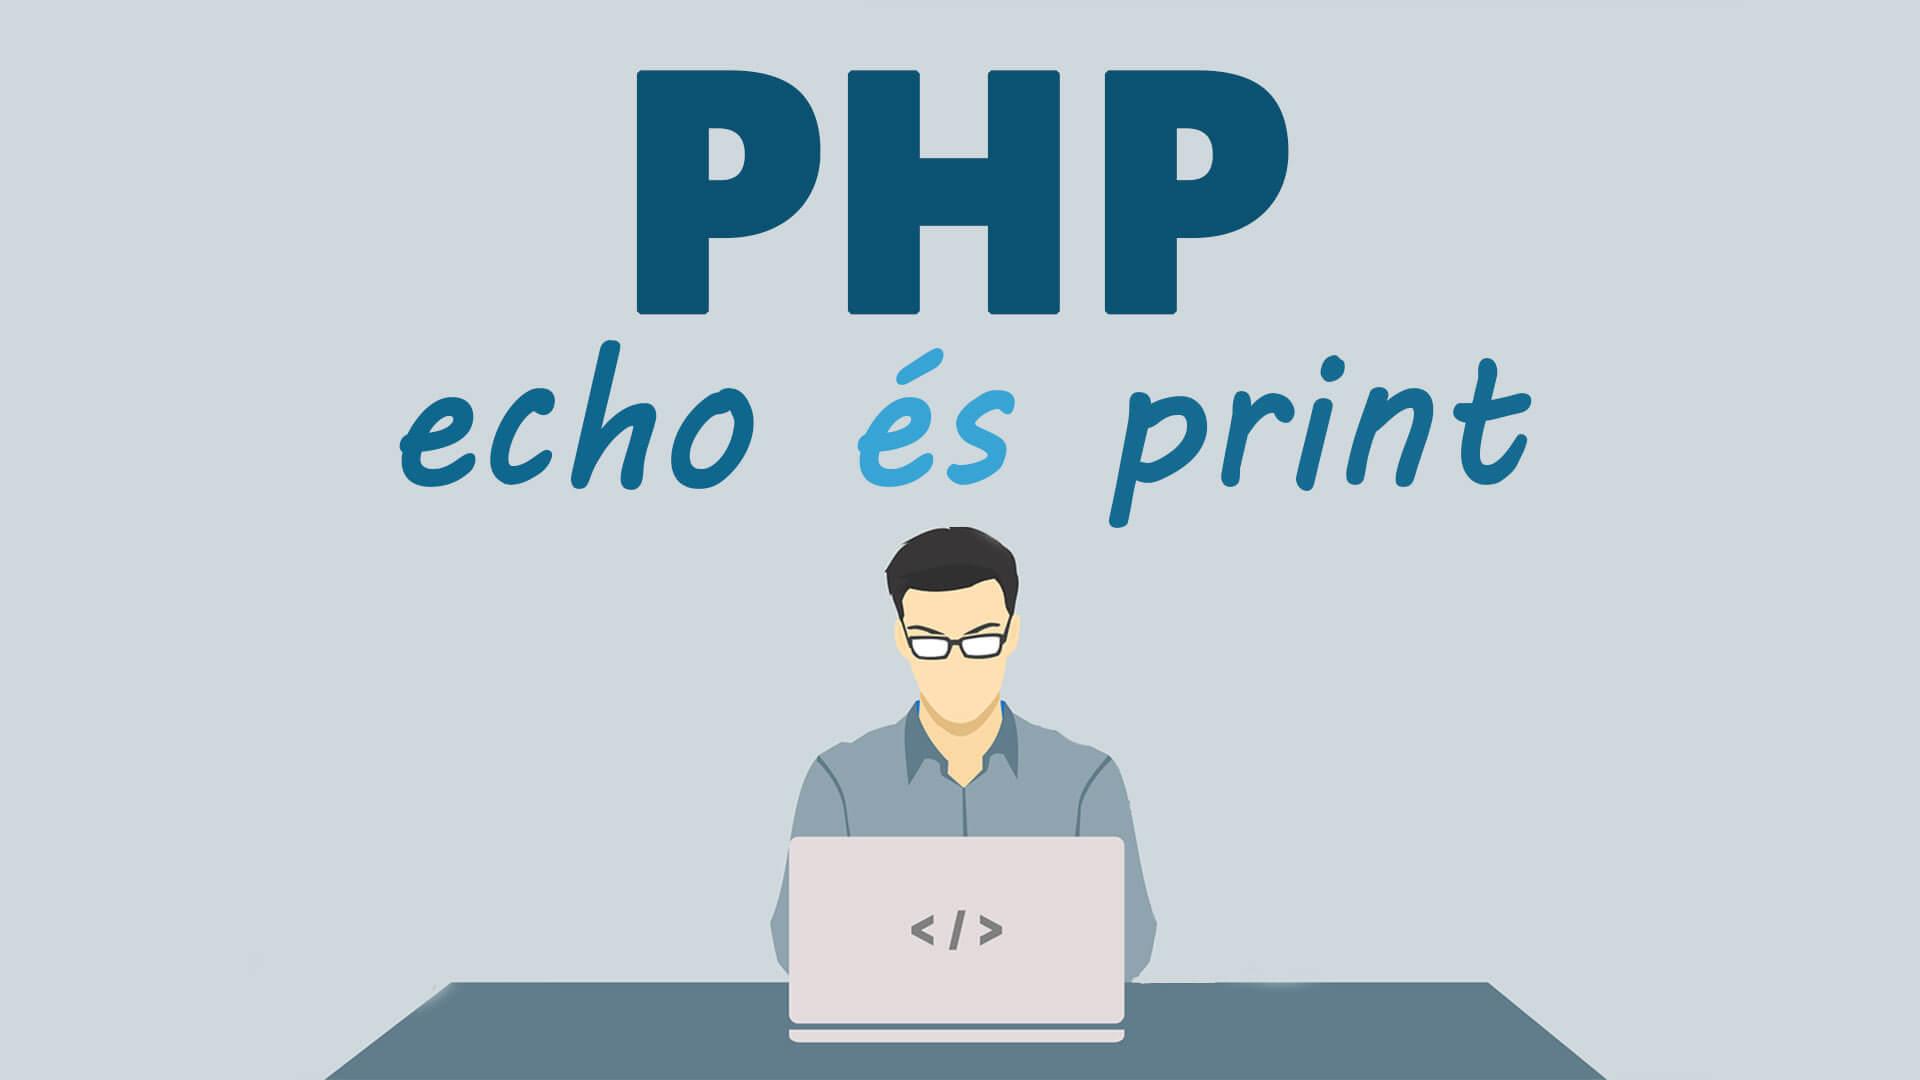 PHP kiíratások, azaz echo és print + short open tag beállítása, használata című cikk borítóképe